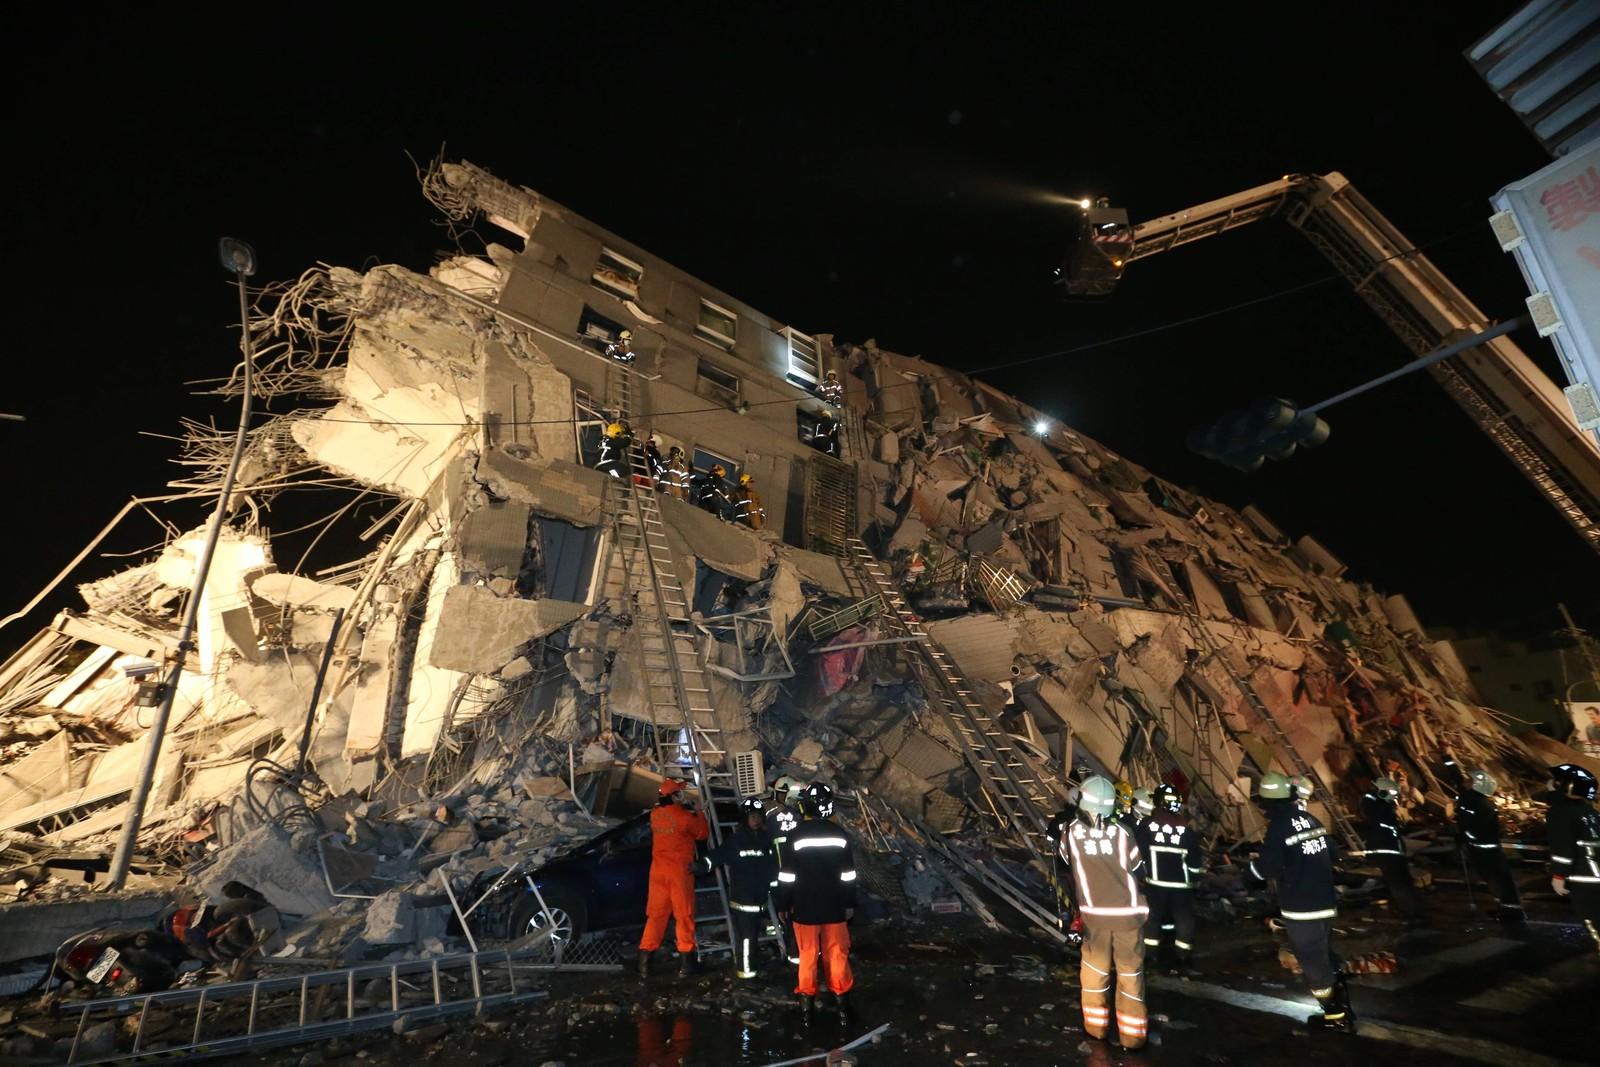 Rundt 250 mennesker er reddet ut av ruinene etter det kraftig jordskjelvet.